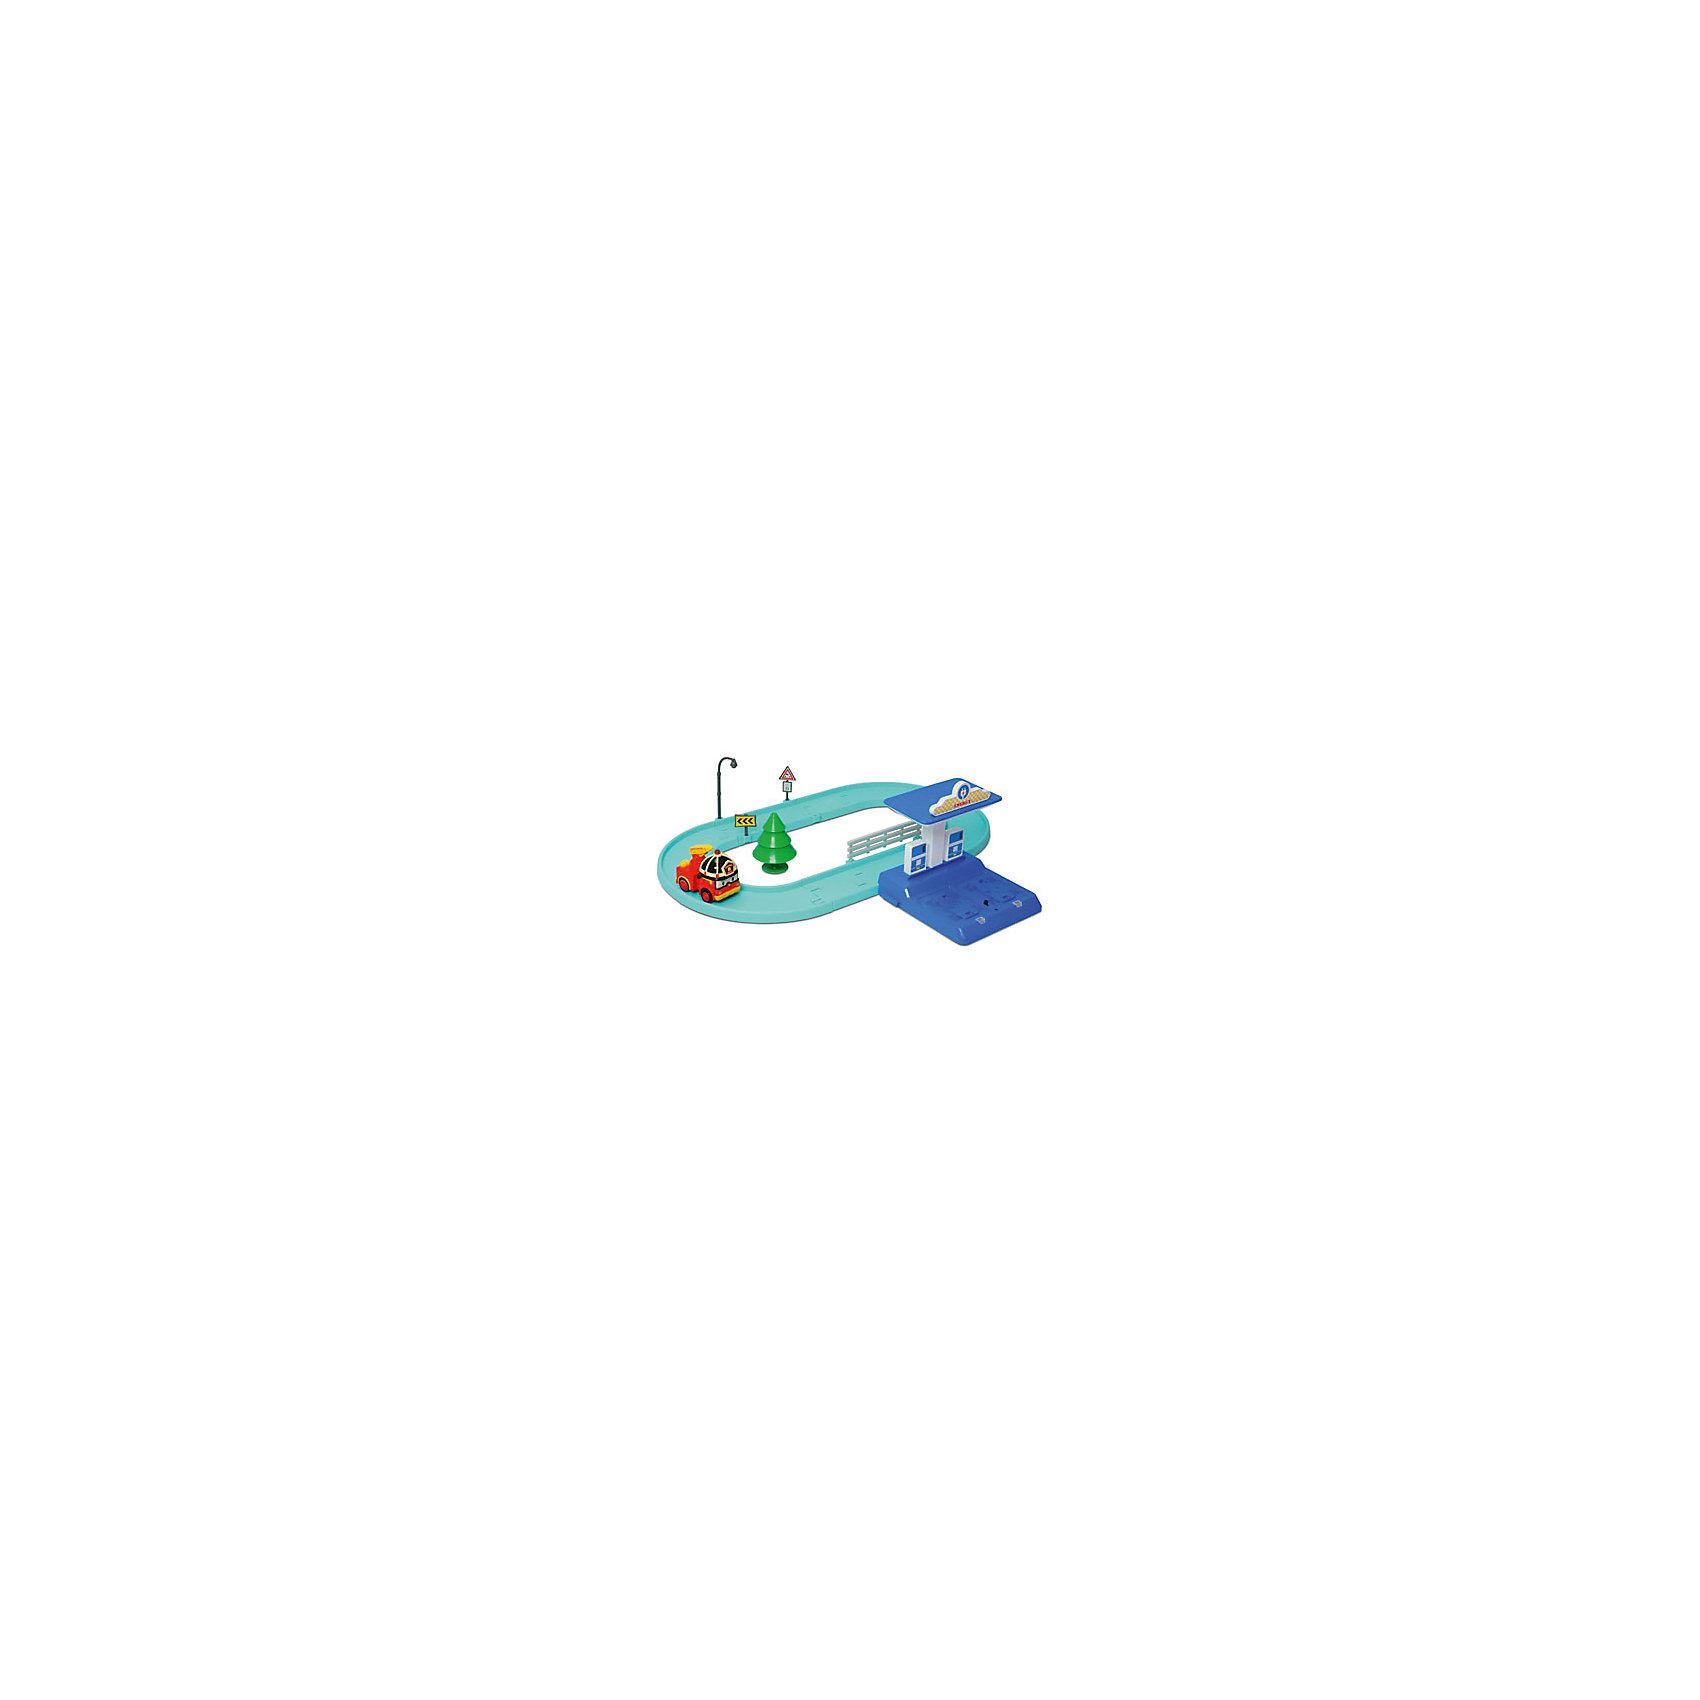 Маленький трек с Умной машинкой Рой, Робокар ПолиИгрушки<br>Этот набор обязательно понравится всем любителям мультфильма Робокар Поли и его друзья. Набор представляет собой трек, по которому ездит умная машинка, заправку и аксессуары. Ваш ребенок будет с интересом проигрывать ситуации из мультфильма и придумывать свои. Машинка останавливается, если перед ней препятствие, станция заправки предназначена для подзарядки аккумулятора автомобиля, рассчитана на одновременную подзарядку двух машинок. Игрушка выполнена из высококачественных безопасных для детей материалов. Набор прекрасно развивает мелкую моторику и фантазию.<br><br>Дополнительная информация: <br><br>- Материал: пластик.<br>- Комплектация: машинка, детали для строительства дороги, заправка, аксессуары (дерево, фонарь, знак, указатель).<br>- Размер упаковки: 40 x 18 x 28 см.<br>- Элемент питания: для заправки - 3 батарейки АА (не входят в комплект); для машинки - Ni-MH аккумулятор 1.2В (80 мА/ч, в комплекте).<br><br>Маленький трек с Умной машинкой Рой, Робокар Поли (Robocar Poli) можно купить в нашем магазине.<br><br>Ширина мм: 380<br>Глубина мм: 150<br>Высота мм: 300<br>Вес г: 943<br>Возраст от месяцев: 36<br>Возраст до месяцев: 84<br>Пол: Унисекс<br>Возраст: Детский<br>SKU: 3929161